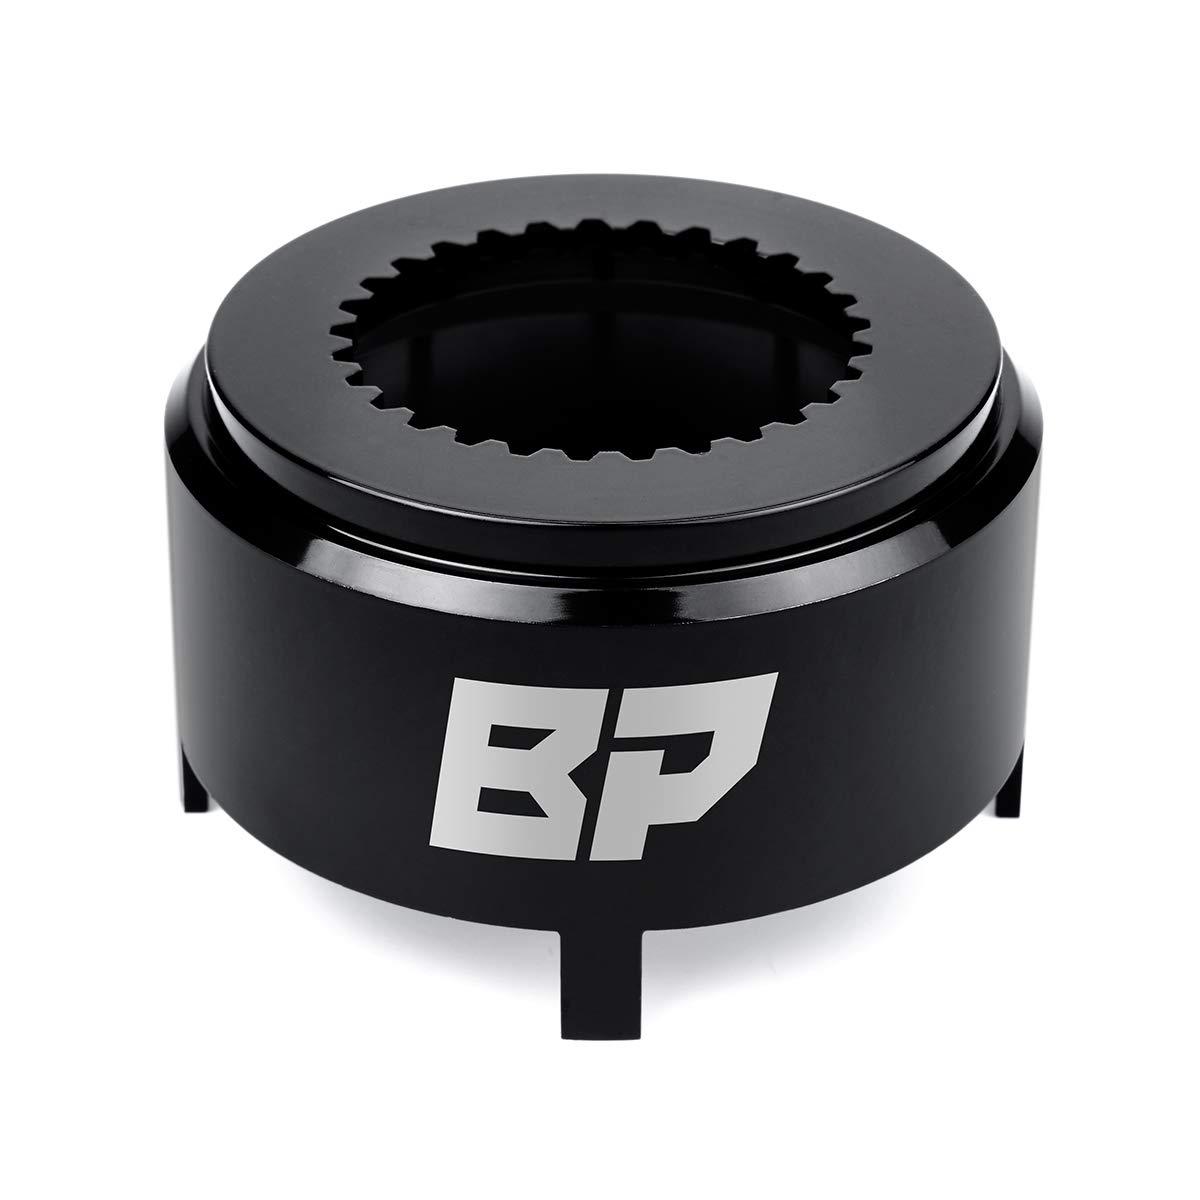 Black Path - Ram 2500 & 3500 4x4 5th Gear Retainer Dodge 5.9L Cummins NV4500